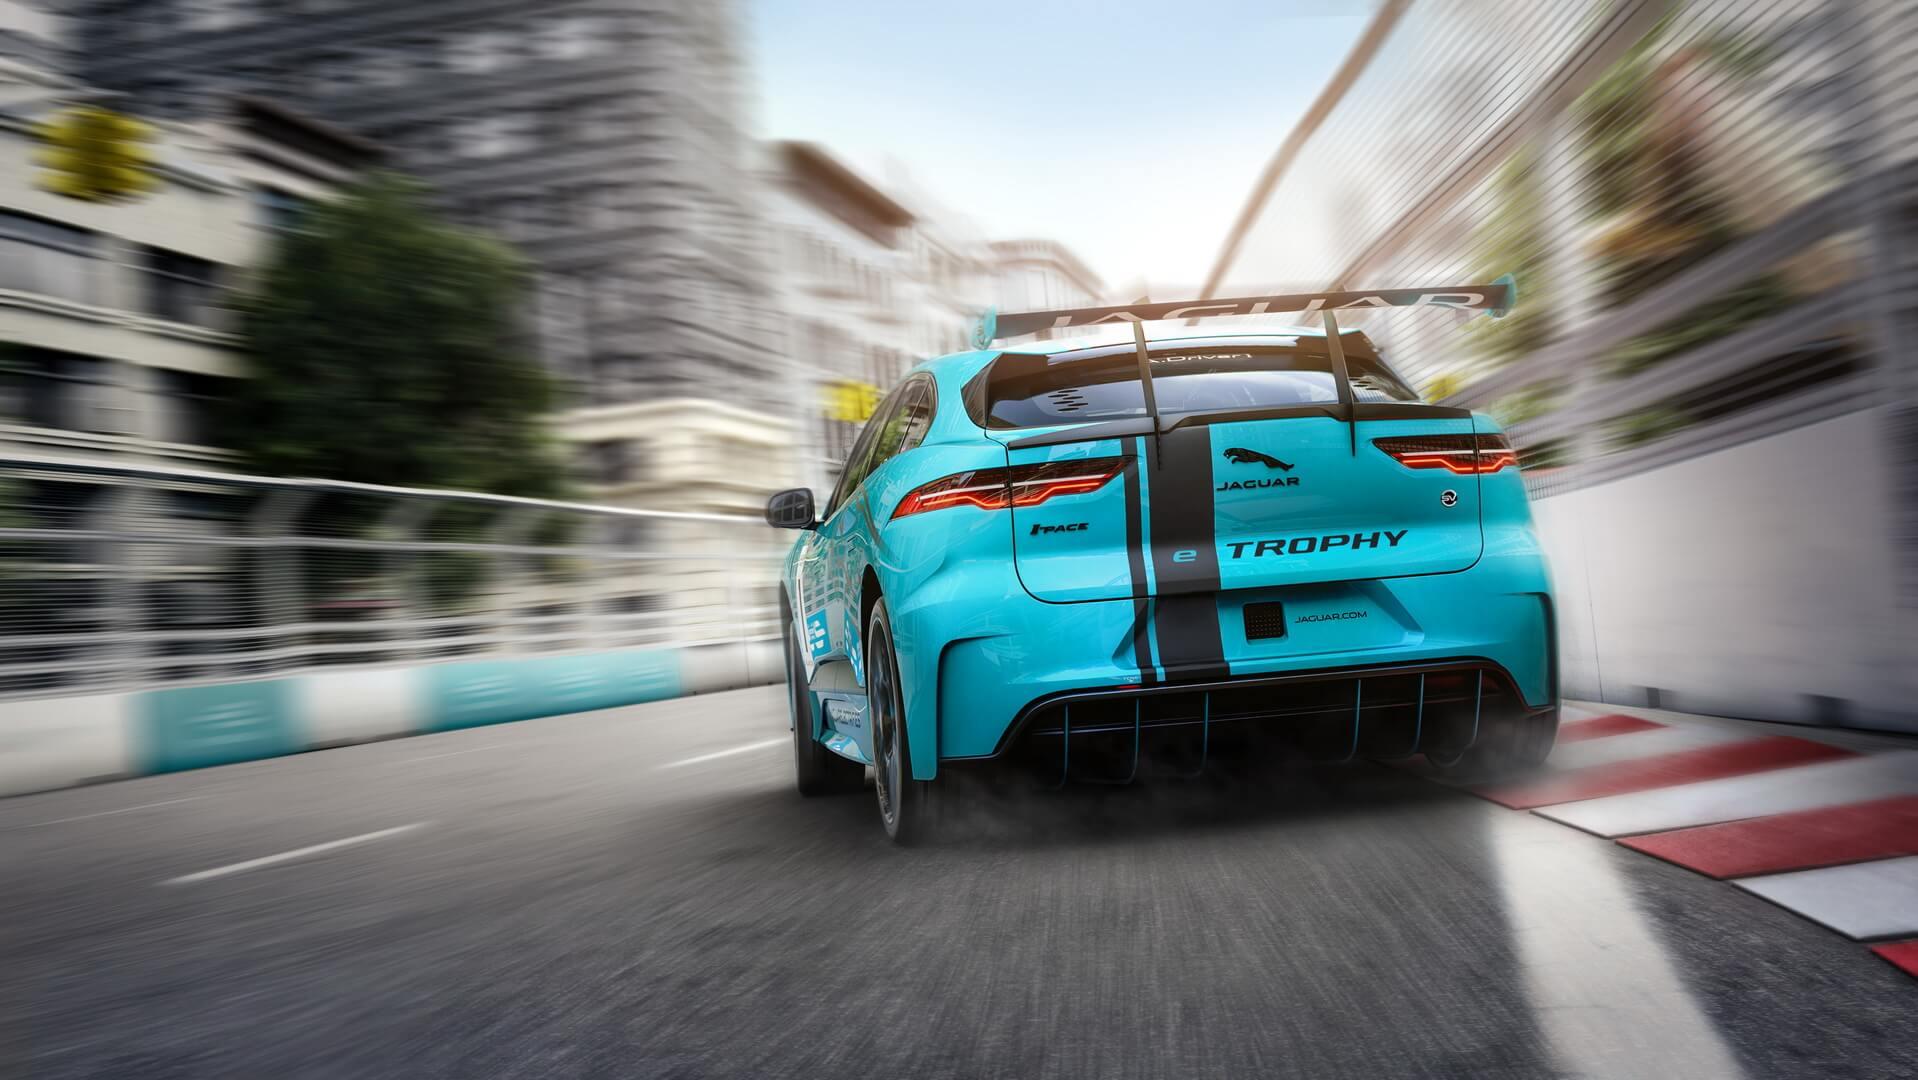 Гоночный Jaguar I-PACE — фото 2